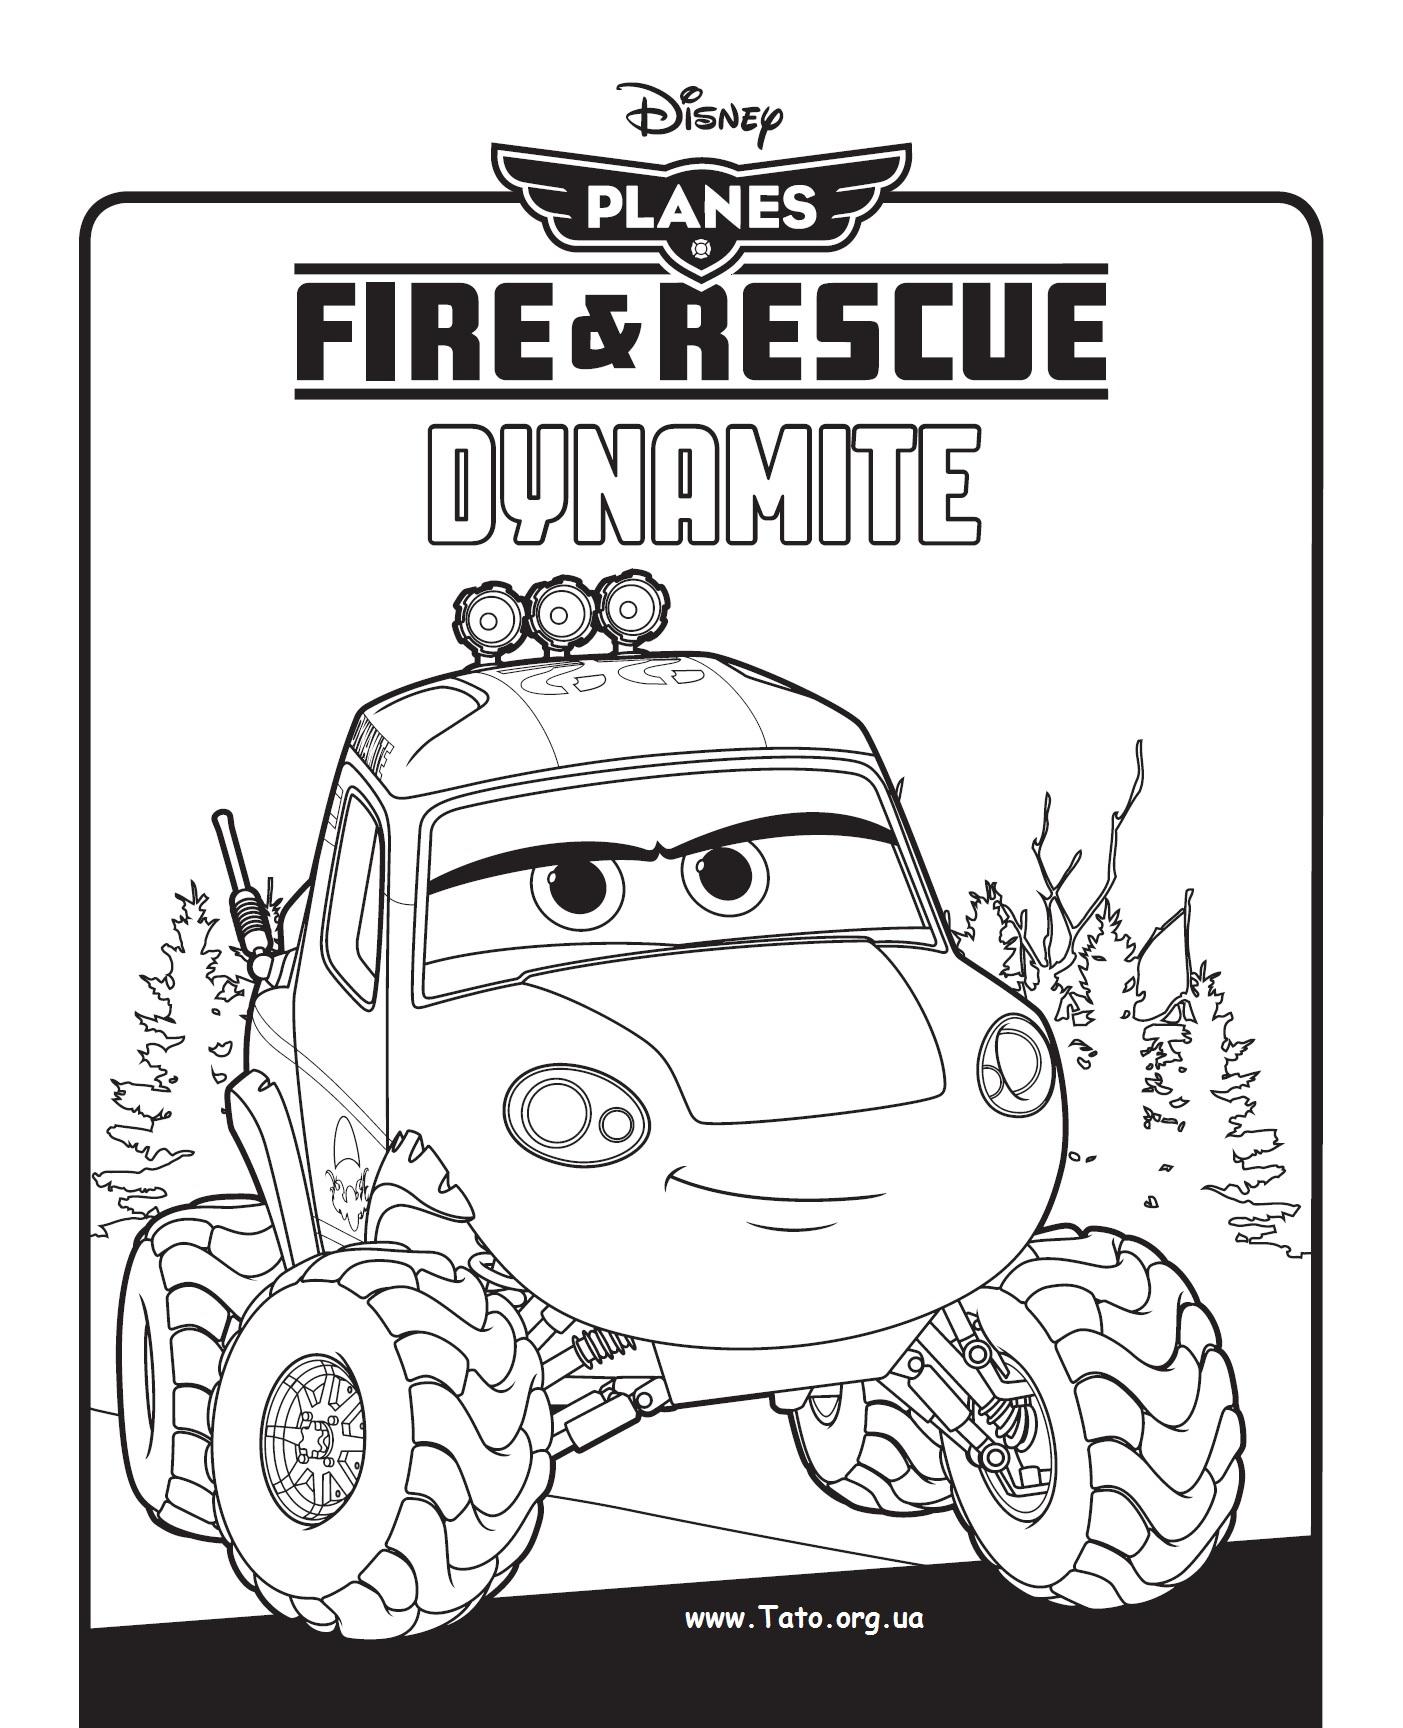 Dynamitetatoorgua